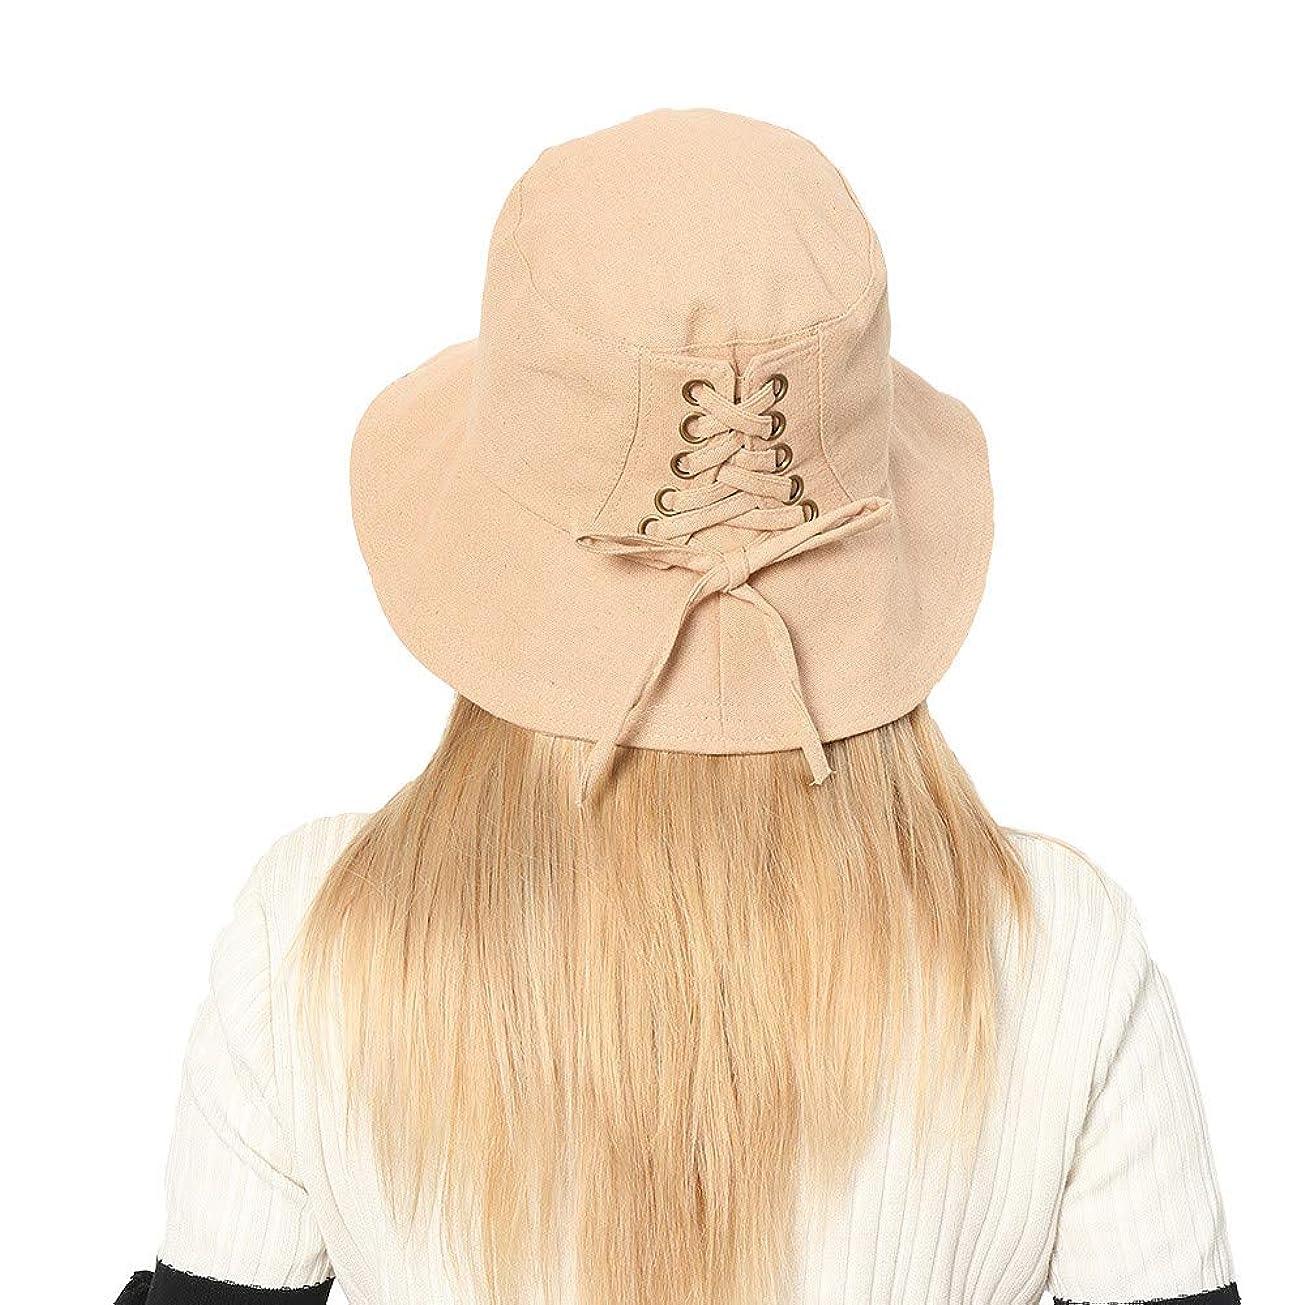 ハット レディース バイザー ホルダー 帽子 レディース 夏 女性 ハット UVカット 帽子 日焼け防止 サイズ調節 つば広 uvカット 釣り 旅行 野球 日除け ヘアバンド ベレー帽 帽子 サイズ調整 テープ ROSE ROMAN